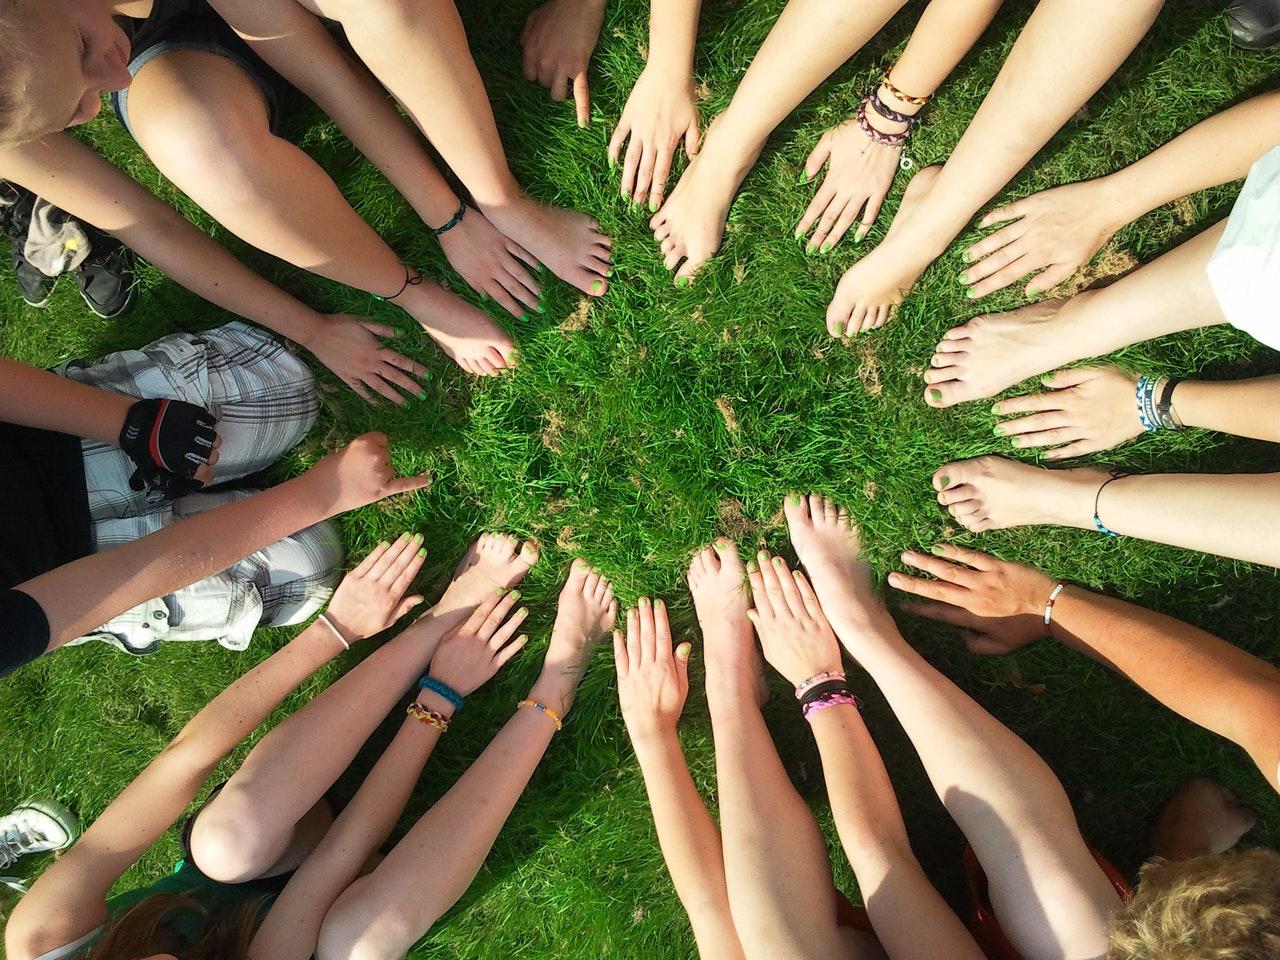 hands feet in grass